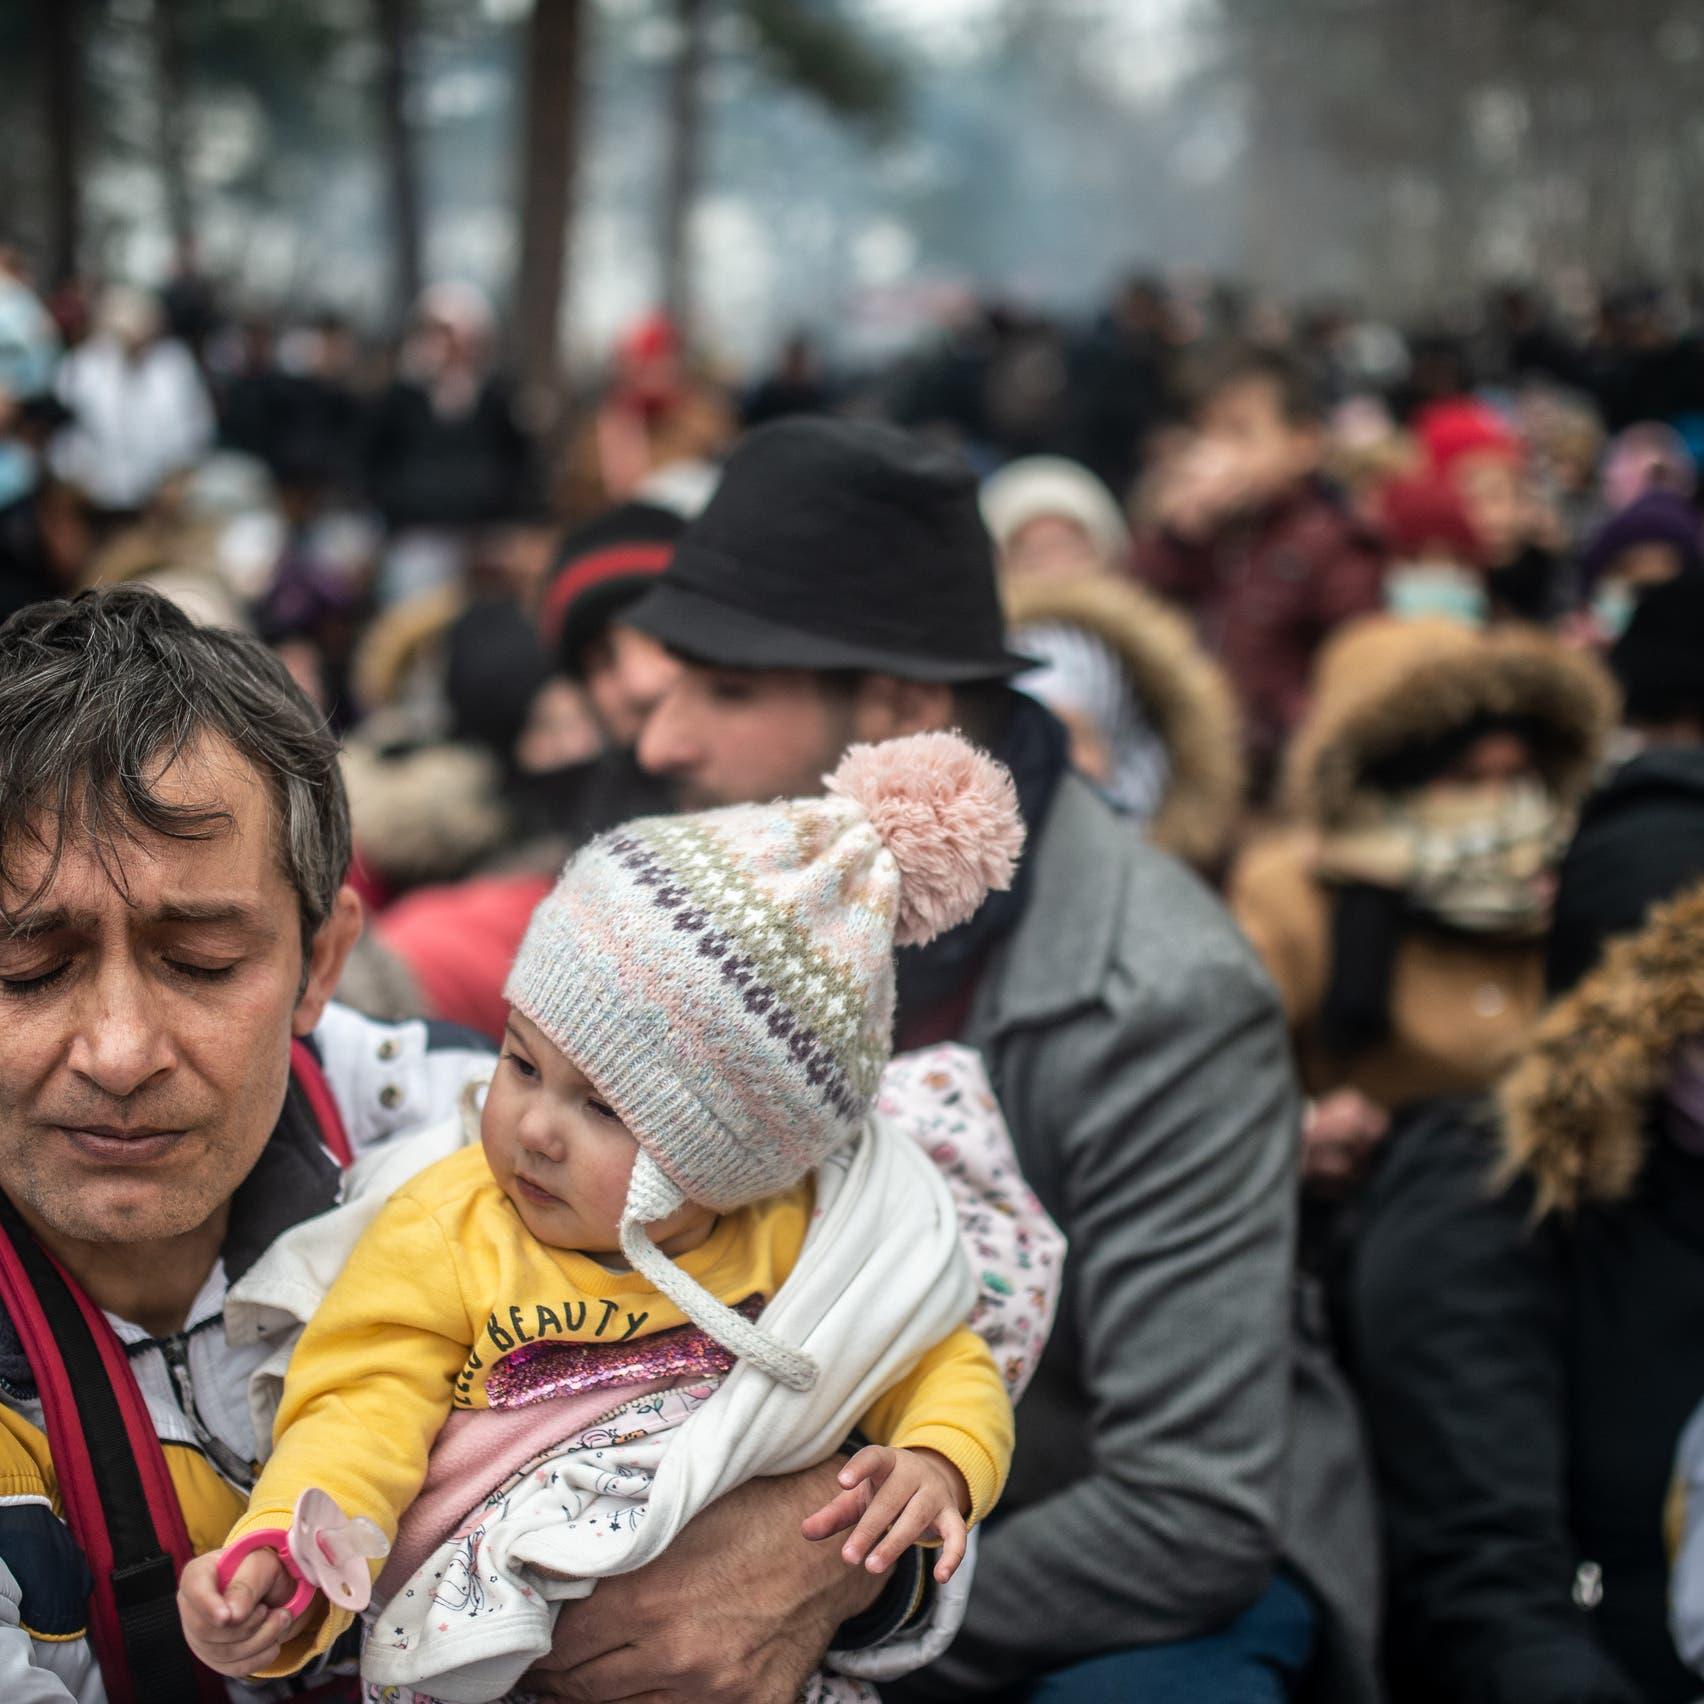 تركيا تبتز أوروبا.. موجة جديدة من المهاجرين إلى الحدود